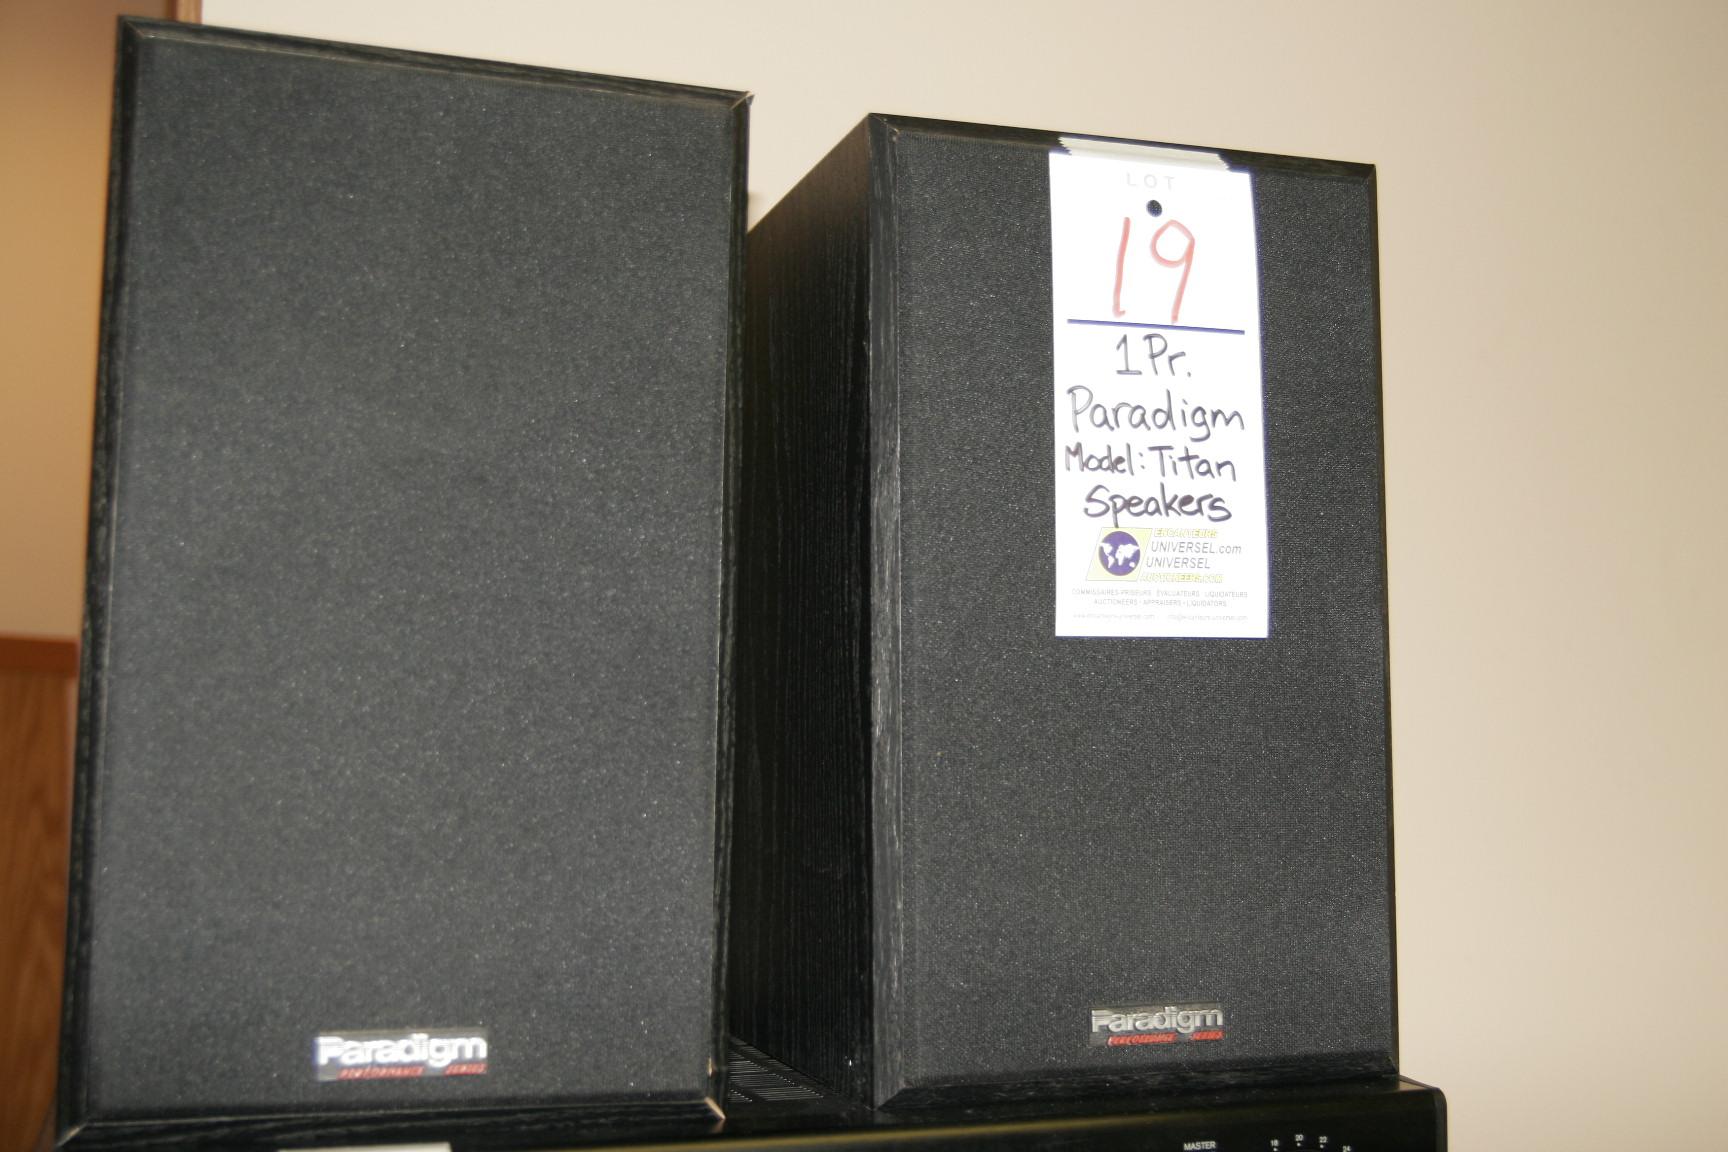 Paradigm Model:Titan Speakers(Pair)